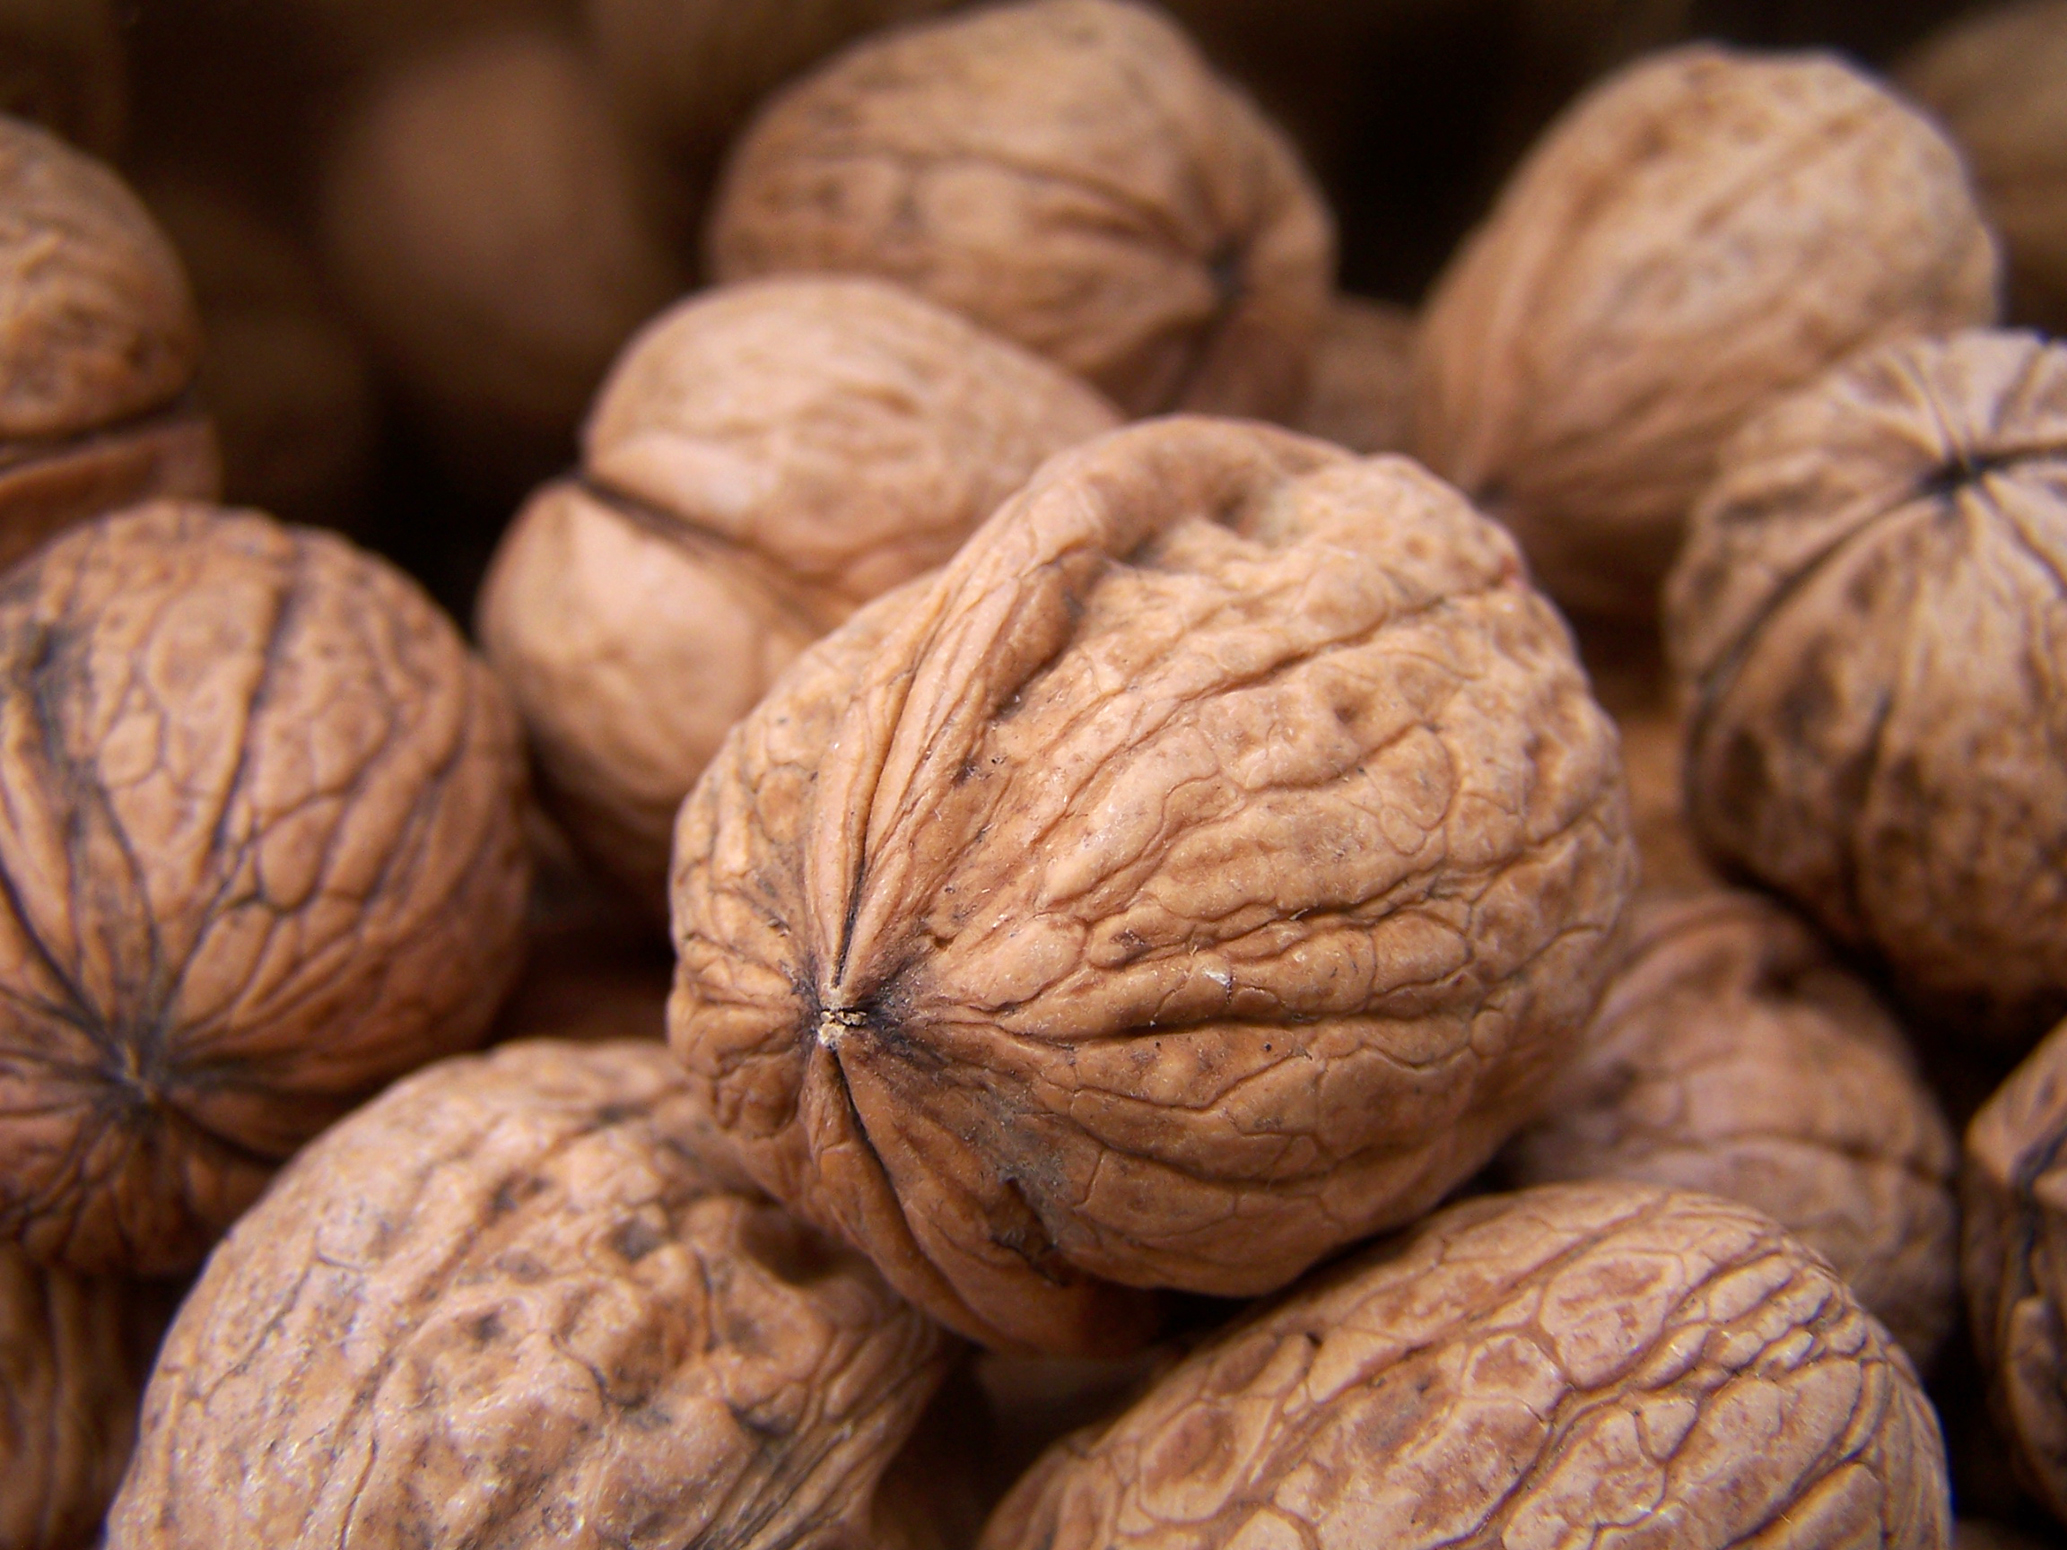 Un puñado de frutos secos al día reduce en un 30 % el riesgo cardiovascular